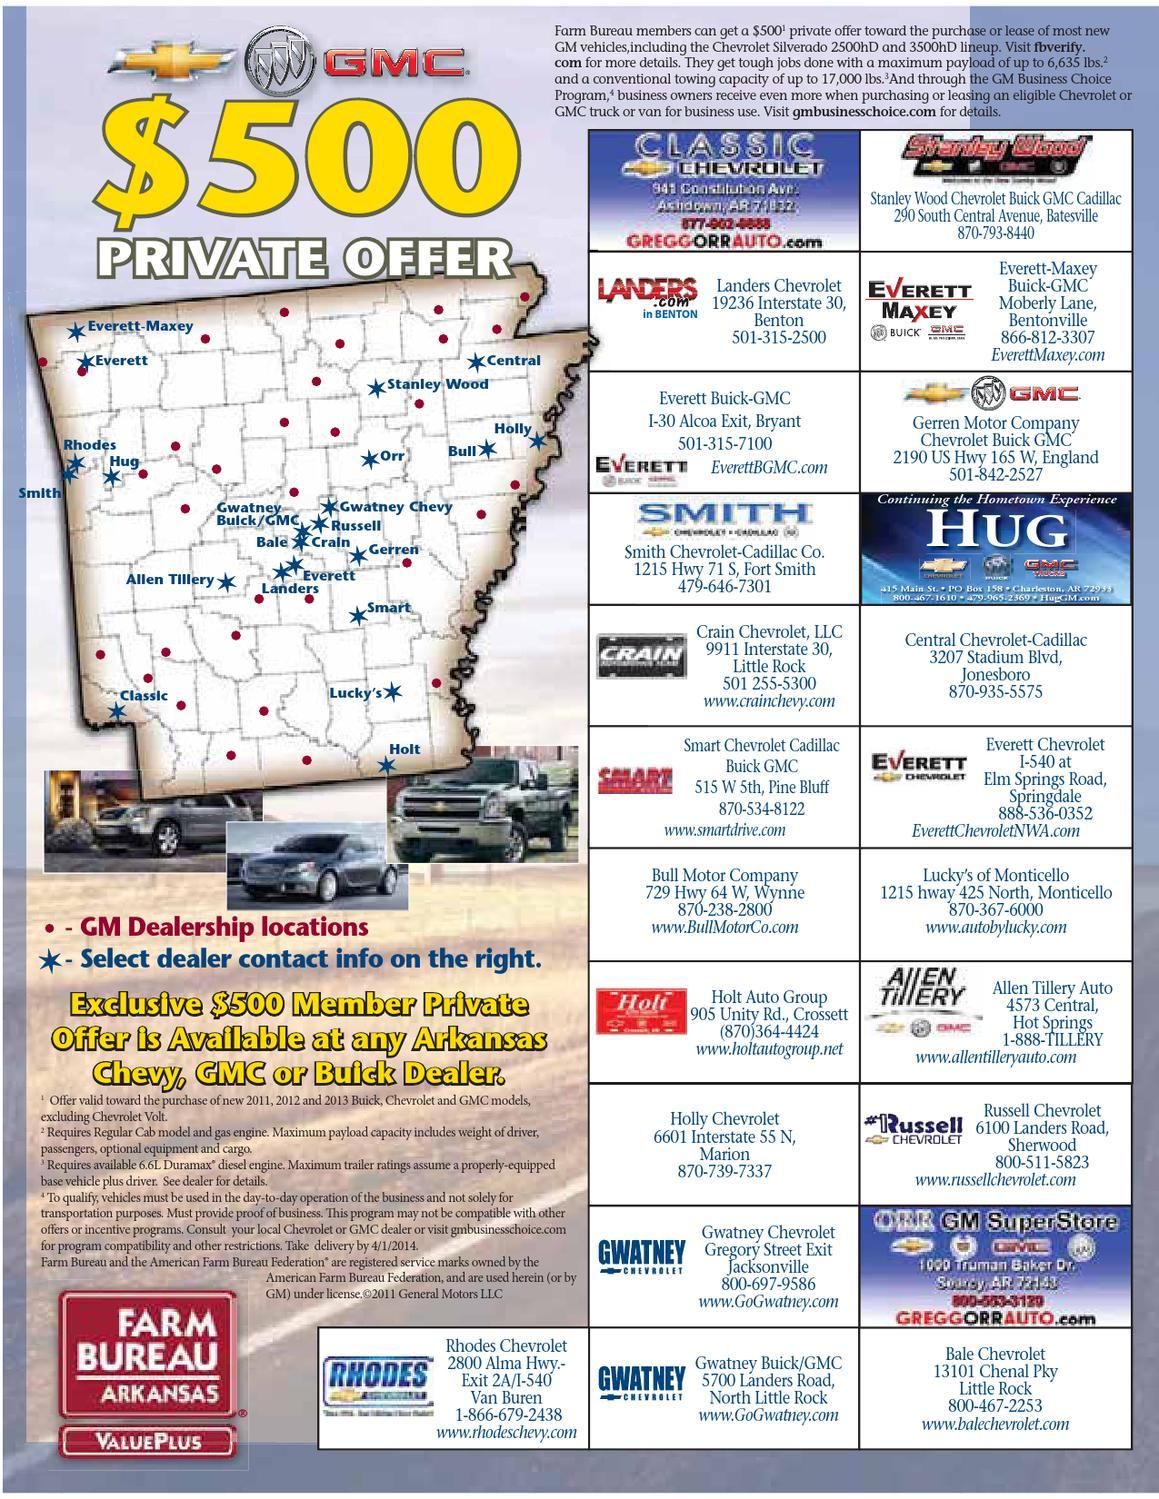 Everett Chevrolet Springdale Ar >> Arkansas Agriculture Fall 2012 By Arkansas Farm Bureau Issuu